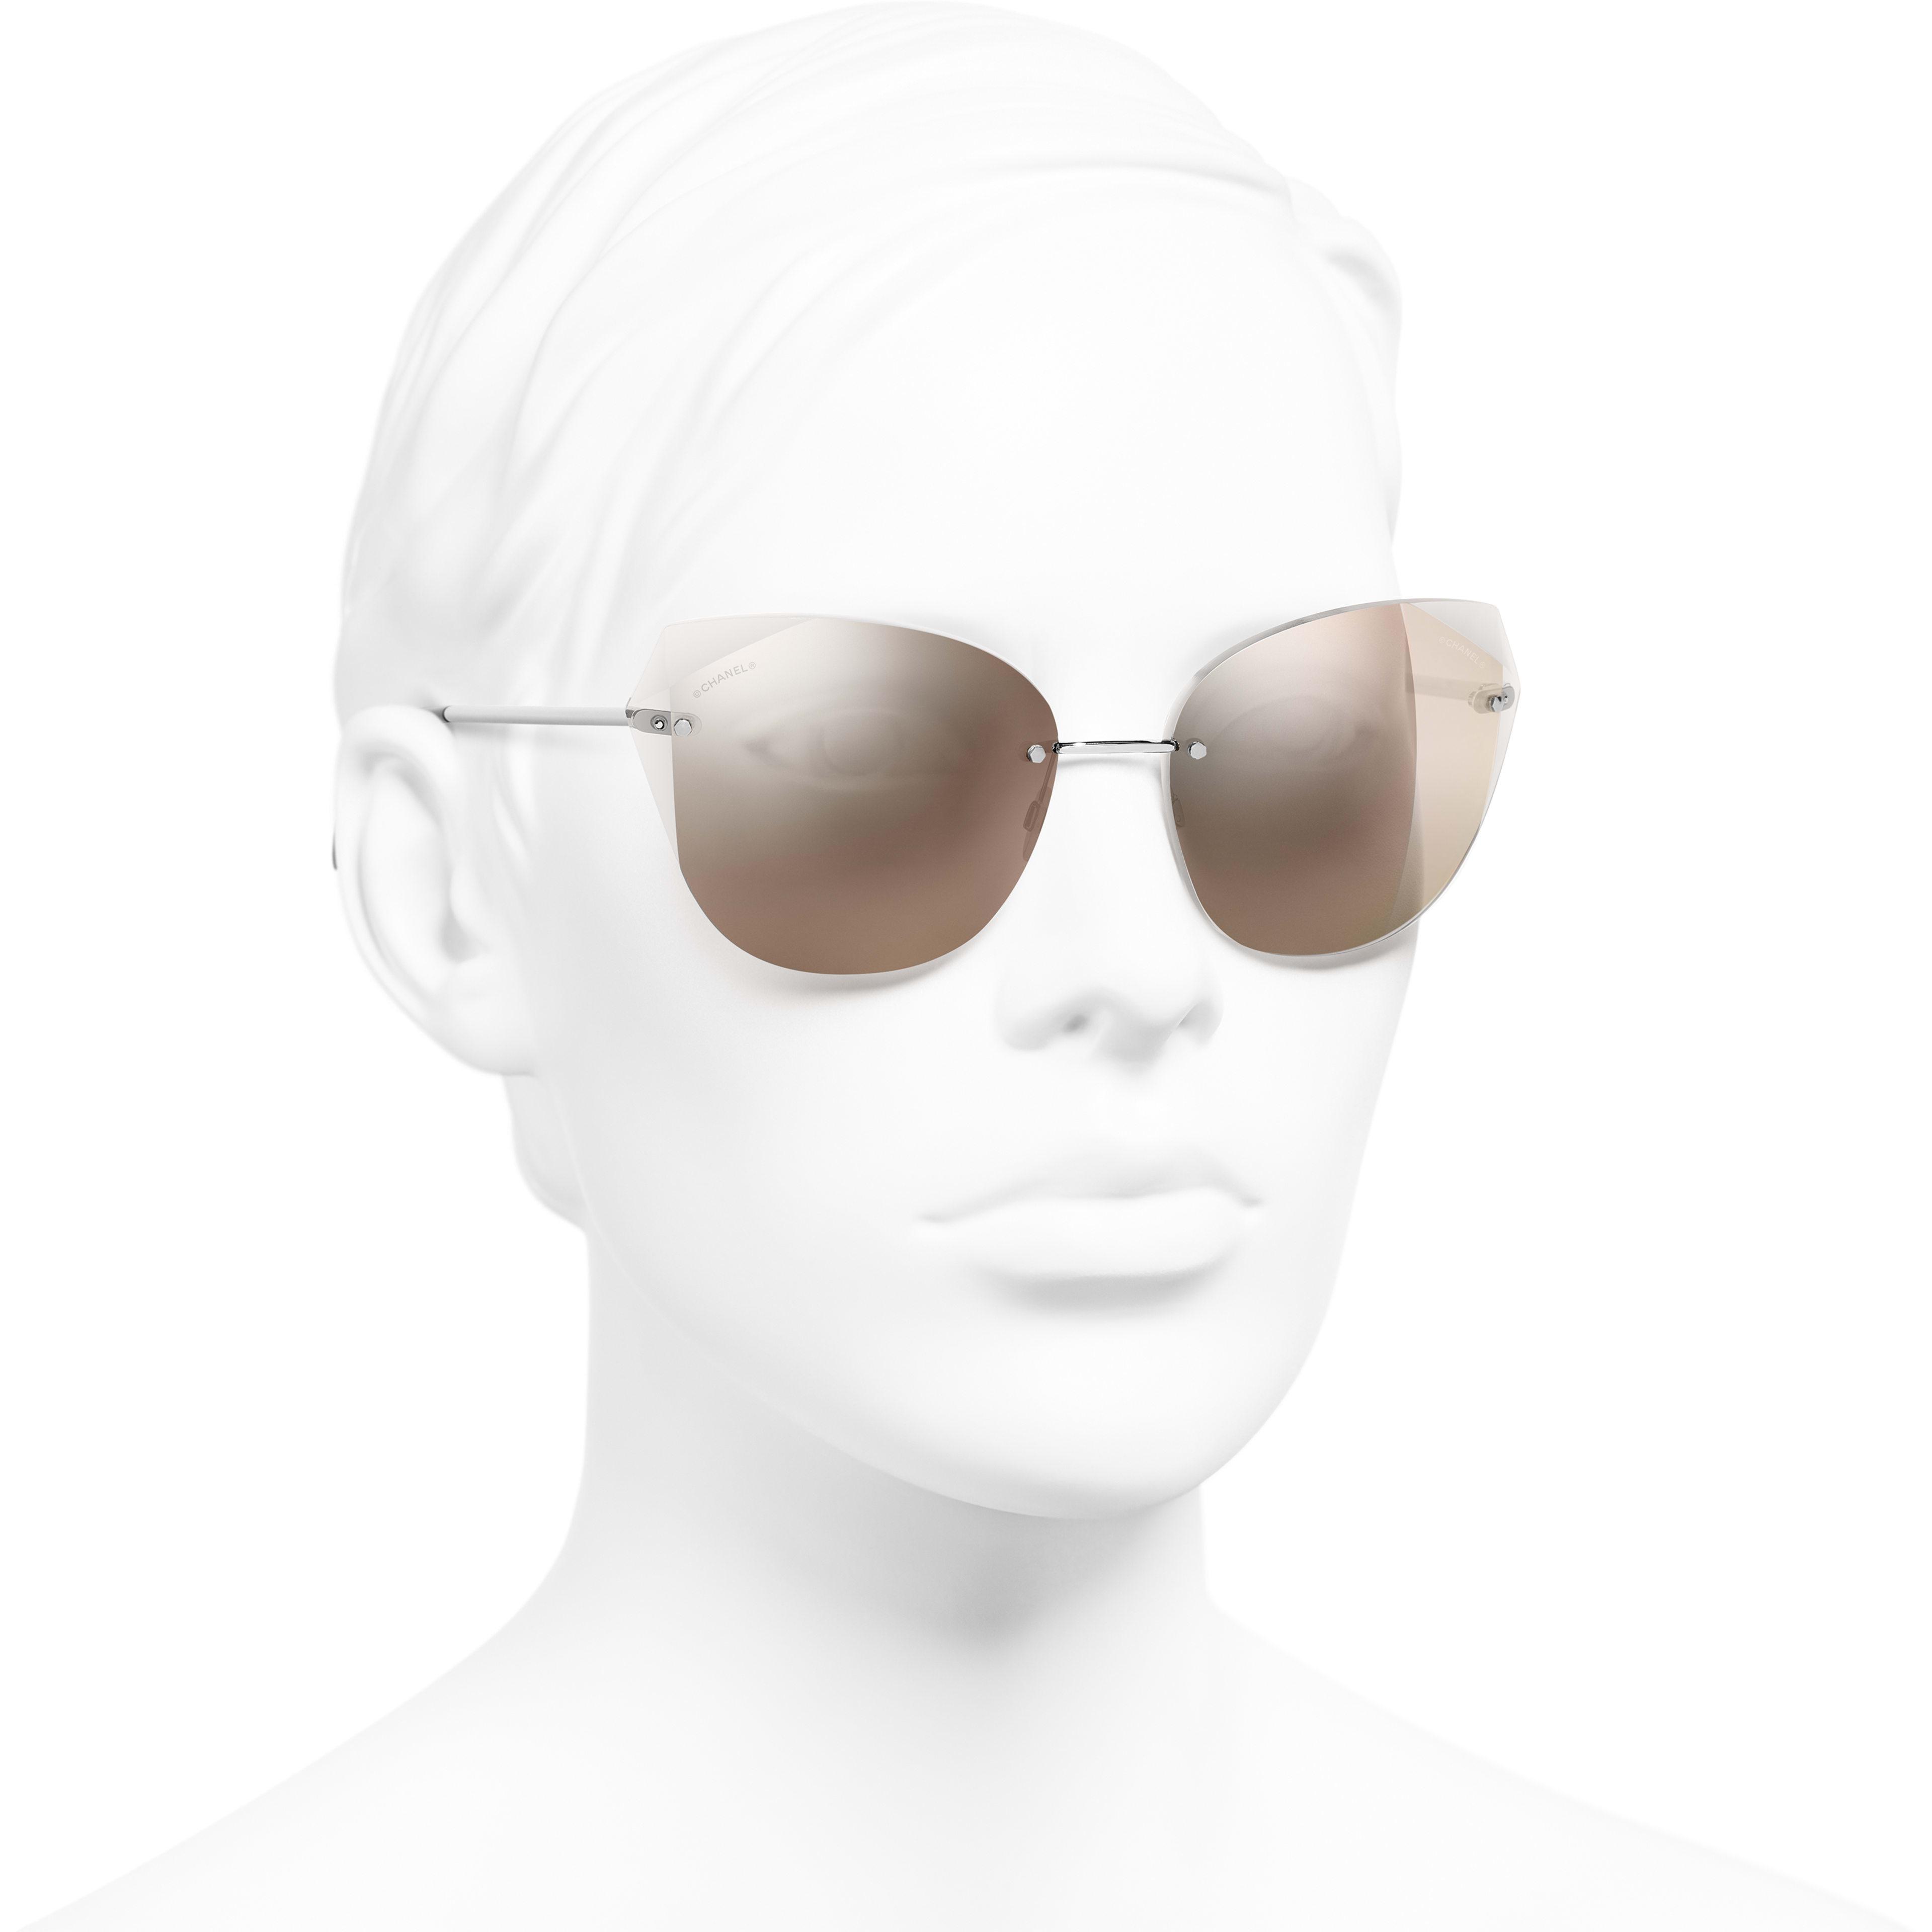 แว่นตากันแดดทรงแคทอายส์ - สีเงิน - โลหะ - มุมมองการสวมใส่ 3/4 - ดูเวอร์ชันขนาดมาตรฐาน